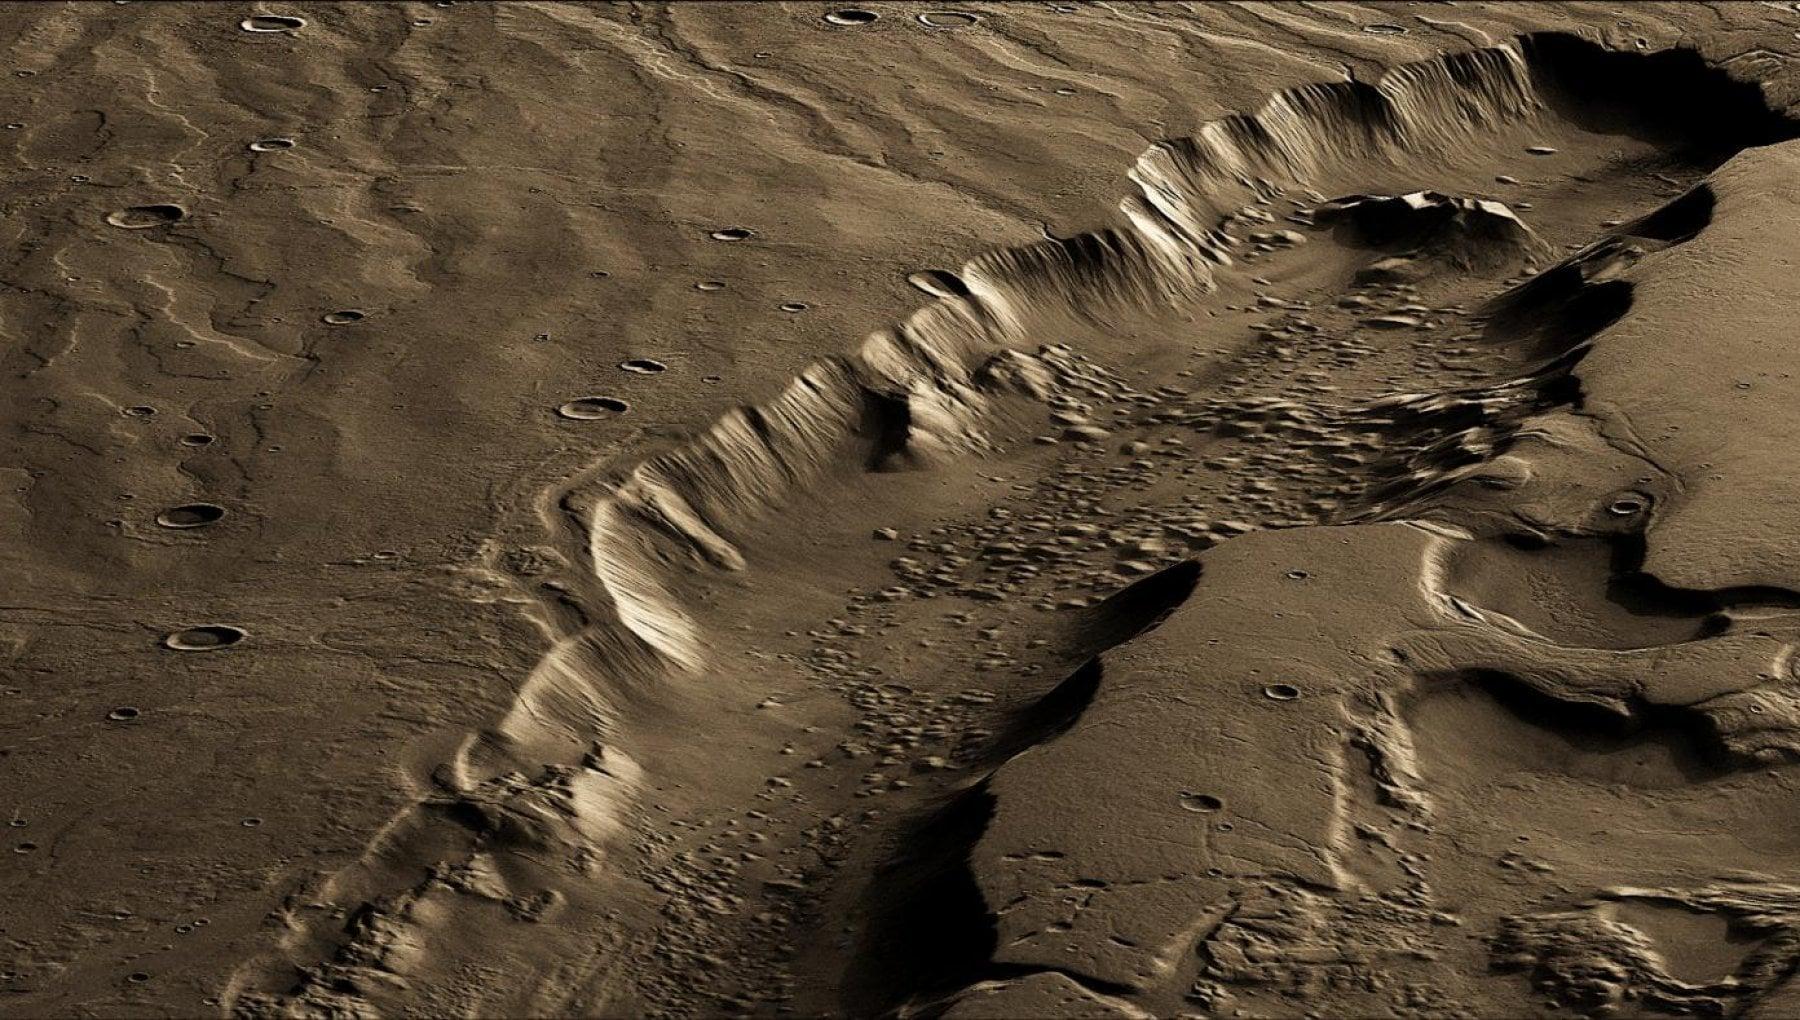 La zona migliore per vivere su Marte? Molti chilometri sotto la superficie